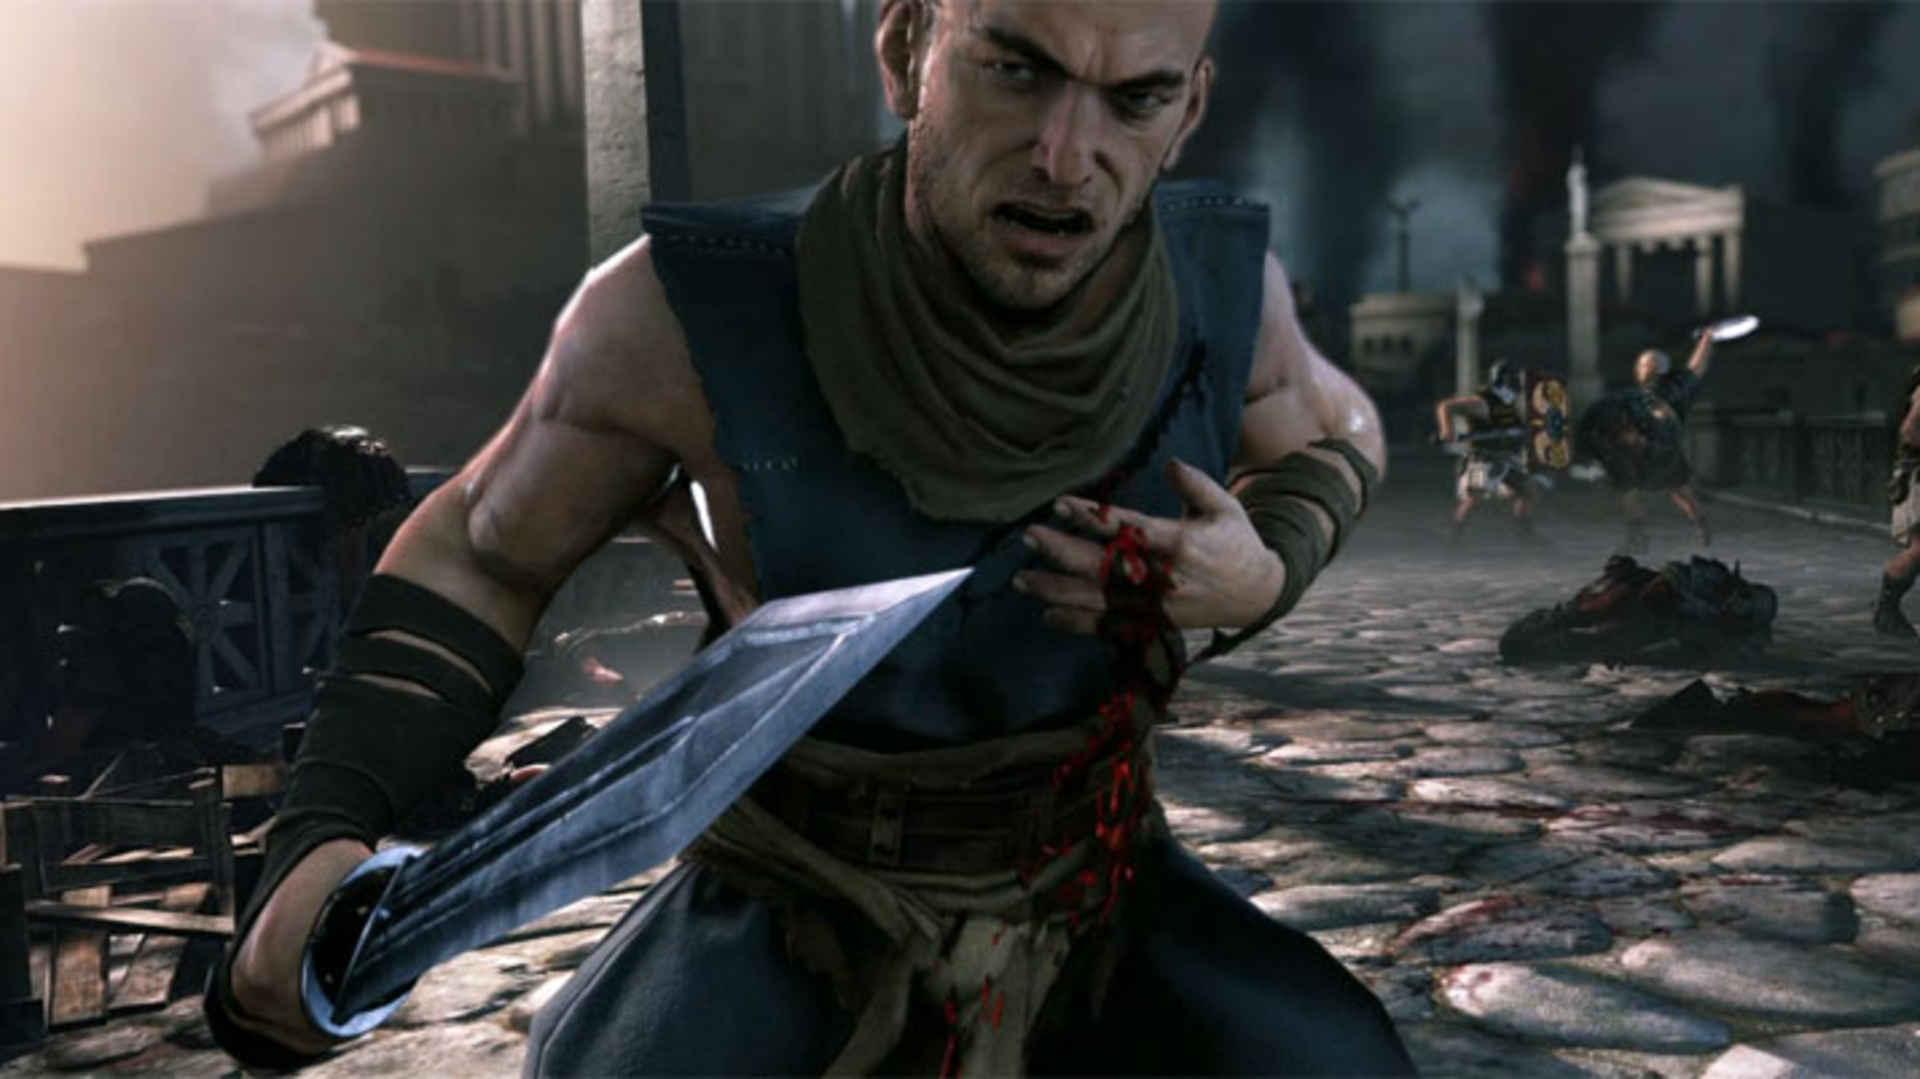 Ryse esta siendo desarrollado exclusivamente para la Xbox One [Vaporware news]